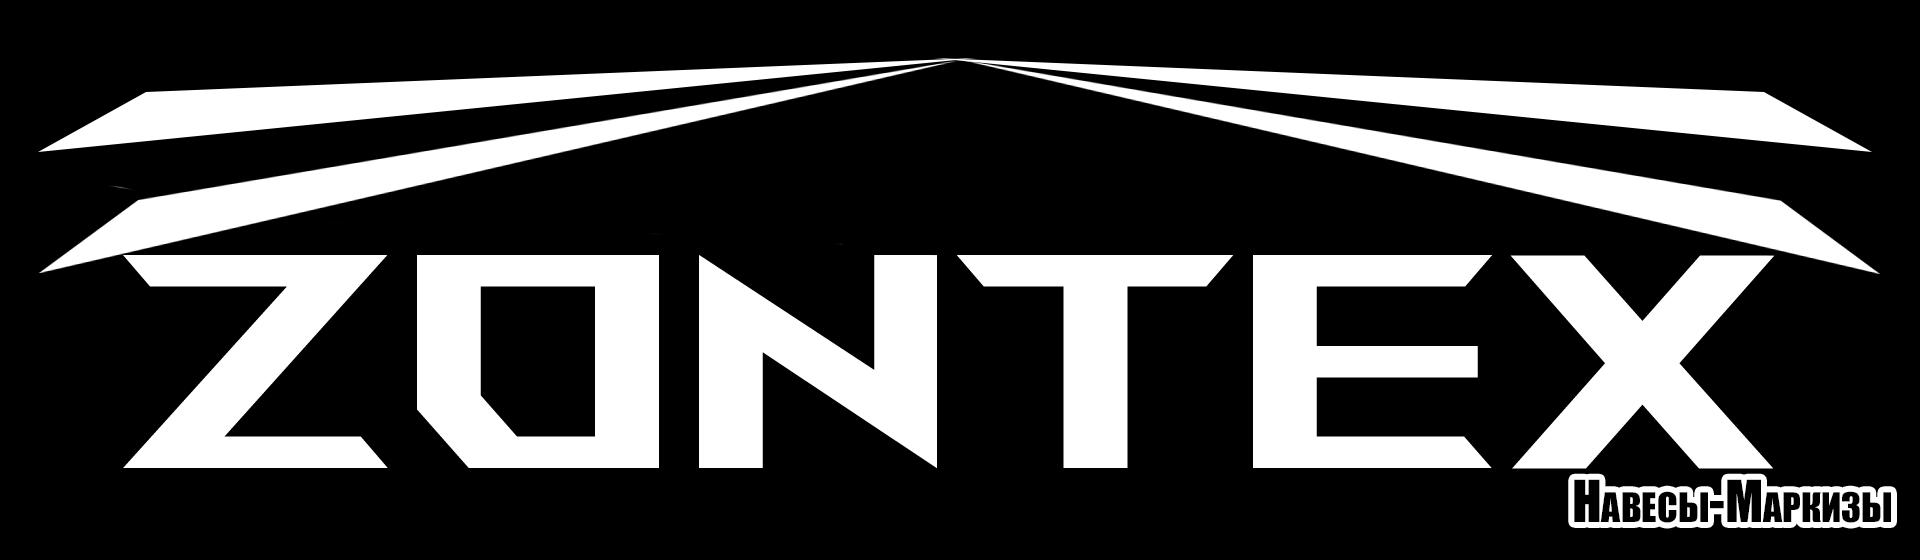 Логотип для интернет проекта фото f_2095a283abe2d6fe.png